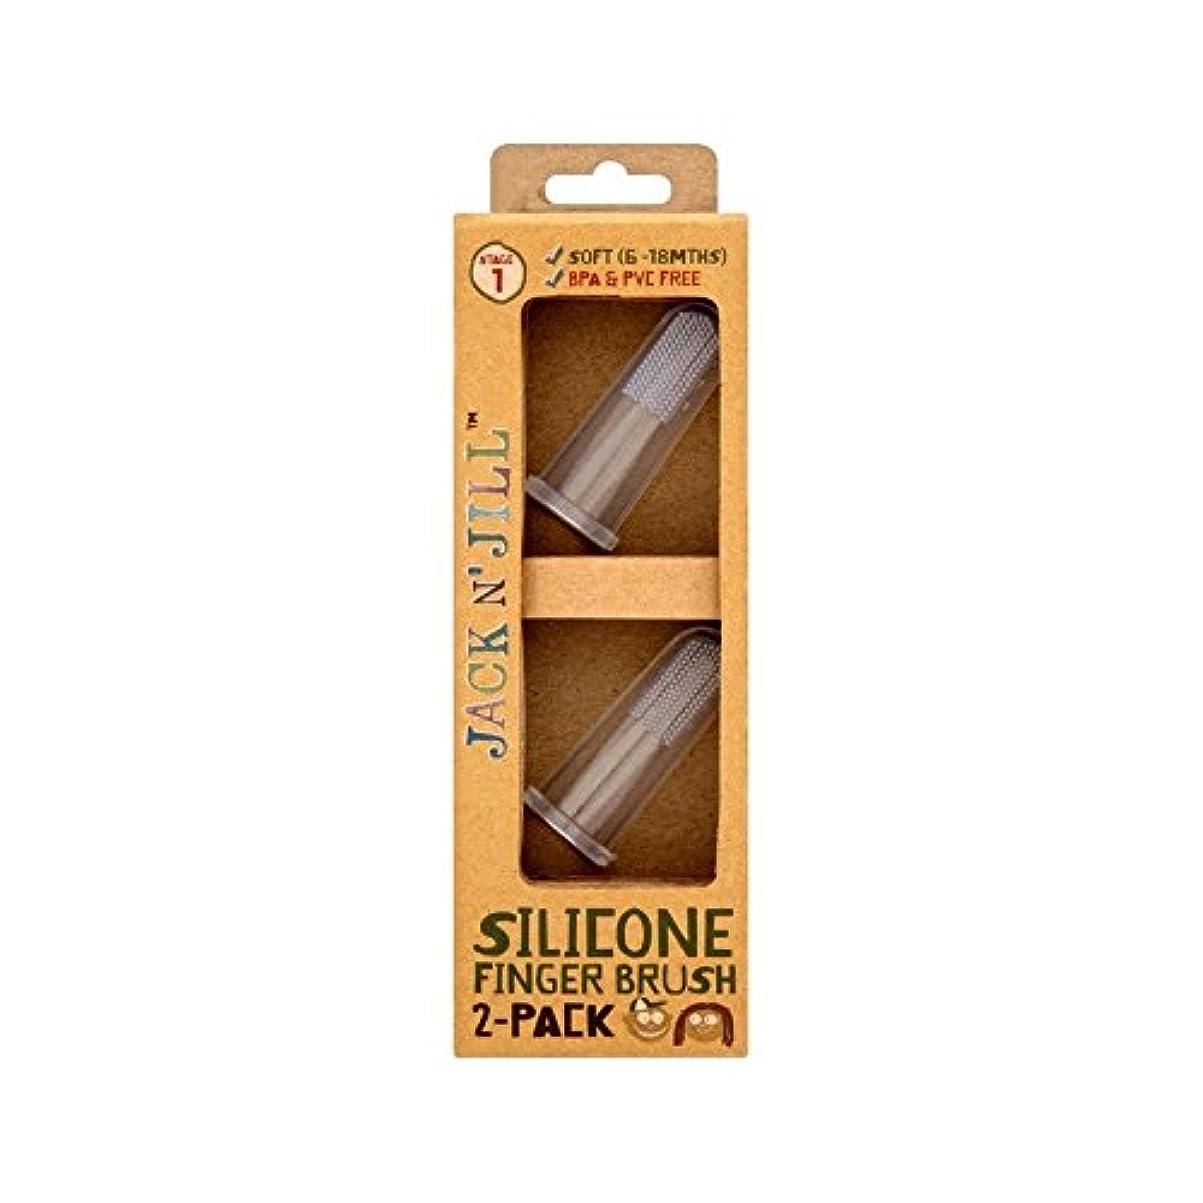 シリコーン指ブラシ2パックあたりパック2 (Jack N Jill) (x 2) - Jack N' Jill Silicone Finger Brush 2 Pack 2 per pack (Pack of 2) [並行輸入品]